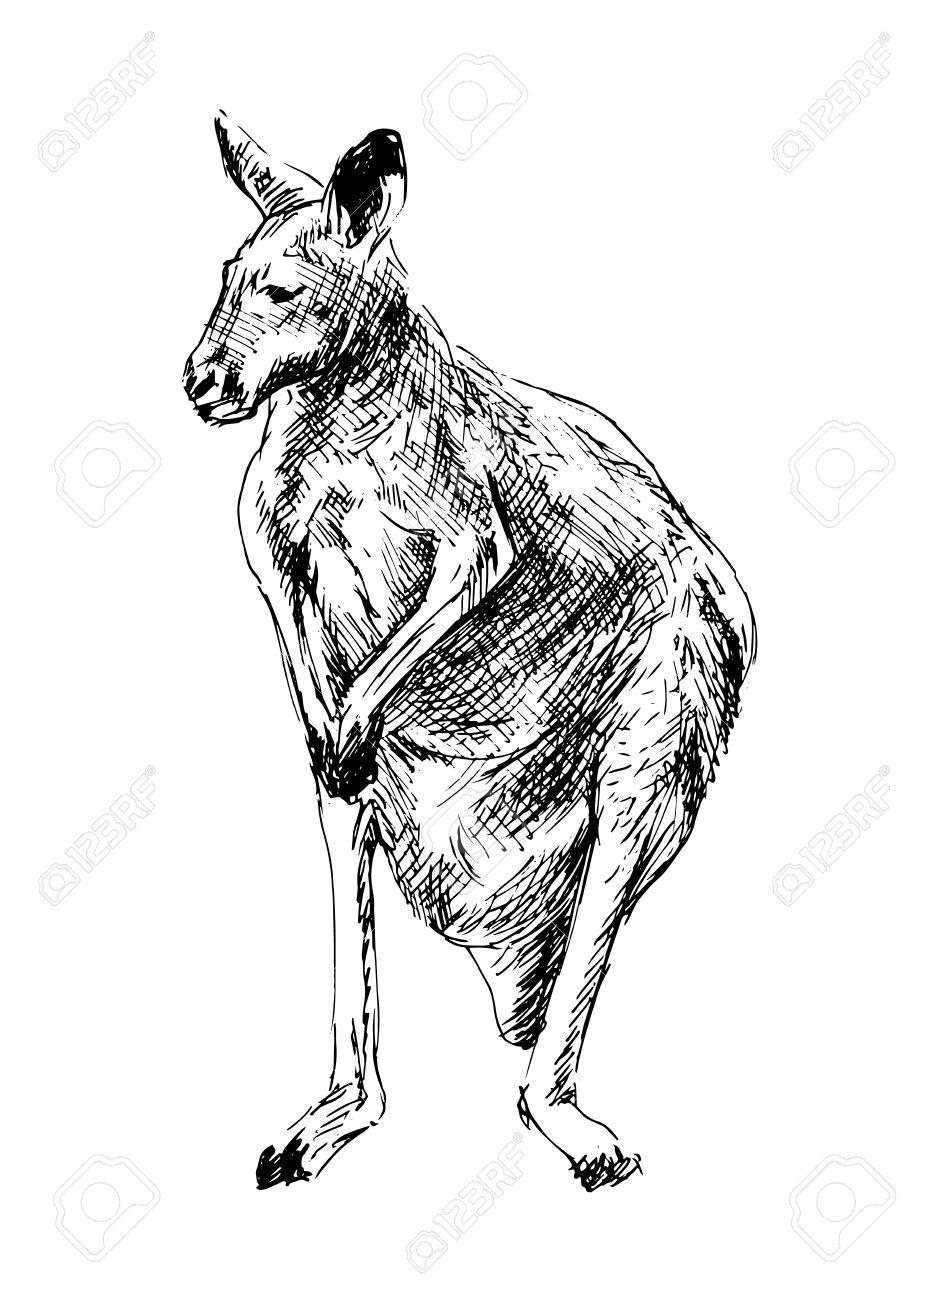 928x1300 Drawing Of A Kangaroo Vector Illustration Royalty Free Cliparts